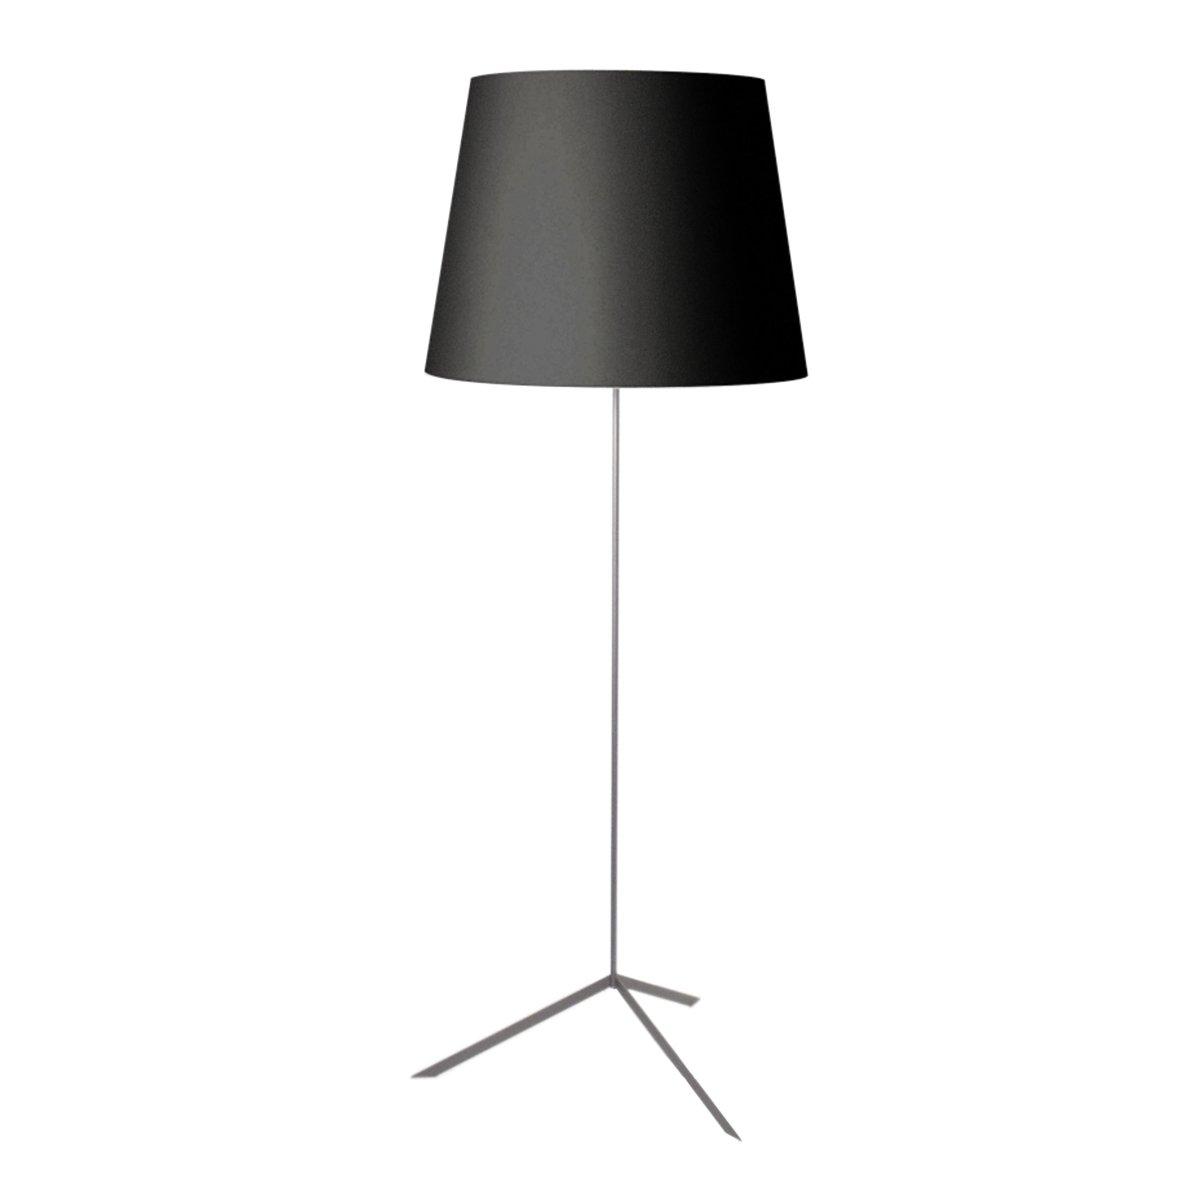 Moooi Double Shade Vloerlamp Zwart